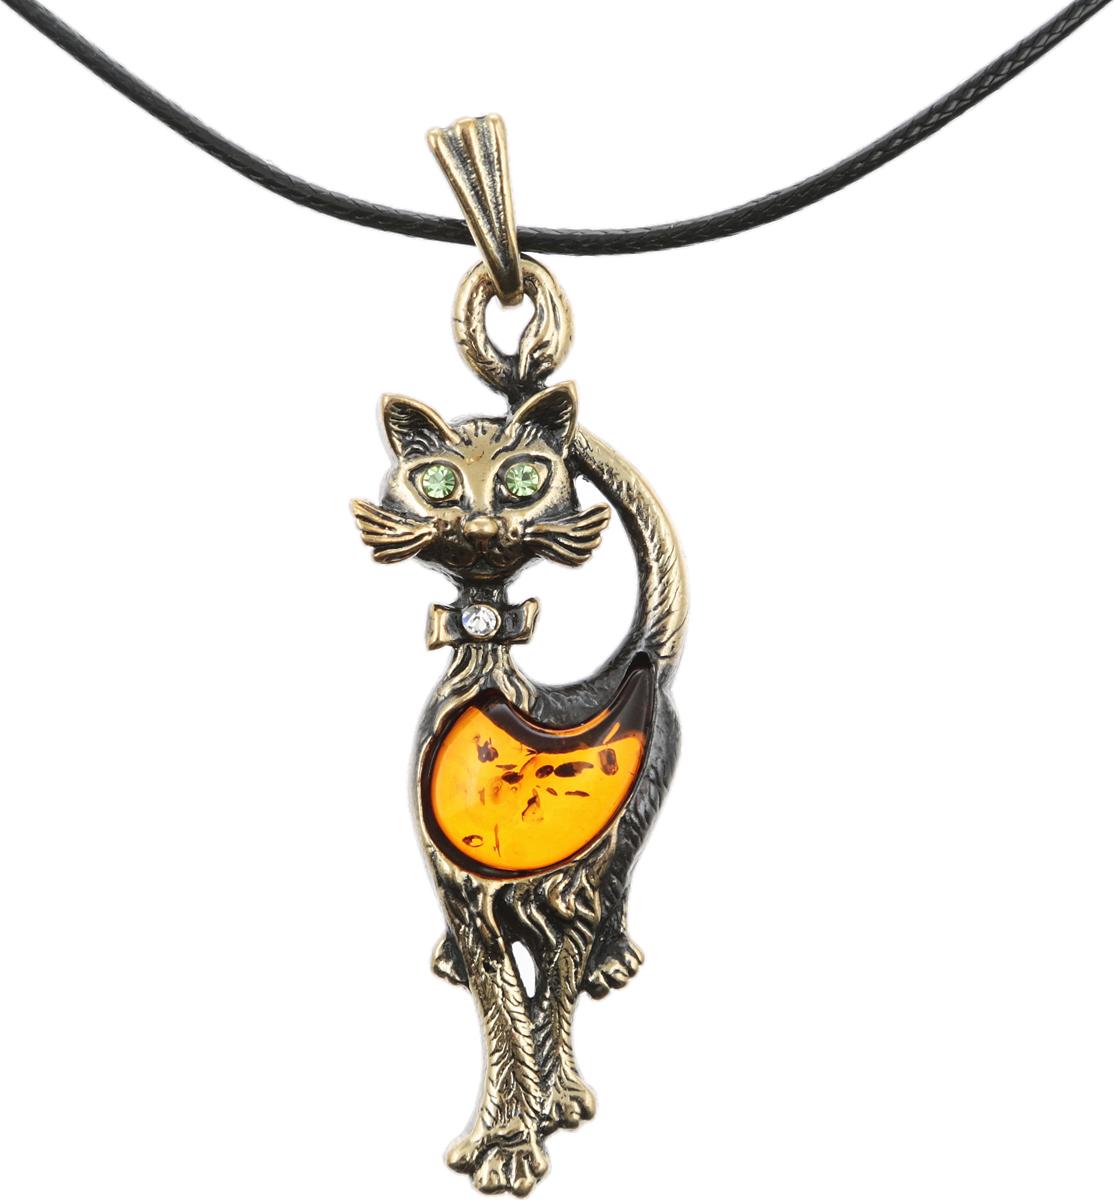 Кулон на шнурке Гламурная кошка. Янтарь, латунь, стразы, шнурок черного цвета. Россия, Калининград12/1017/110Кулон на шнурке Гламурная кошка. Янтарь (прессованная янтарная крошка), латунь, стразы, шнурок черного цвета. Россия, Калининград. Размер: Кулон - 6 х 2 см. Шнурок - полная длина 44-48 см, регулируется за счет застежки-цепочки.